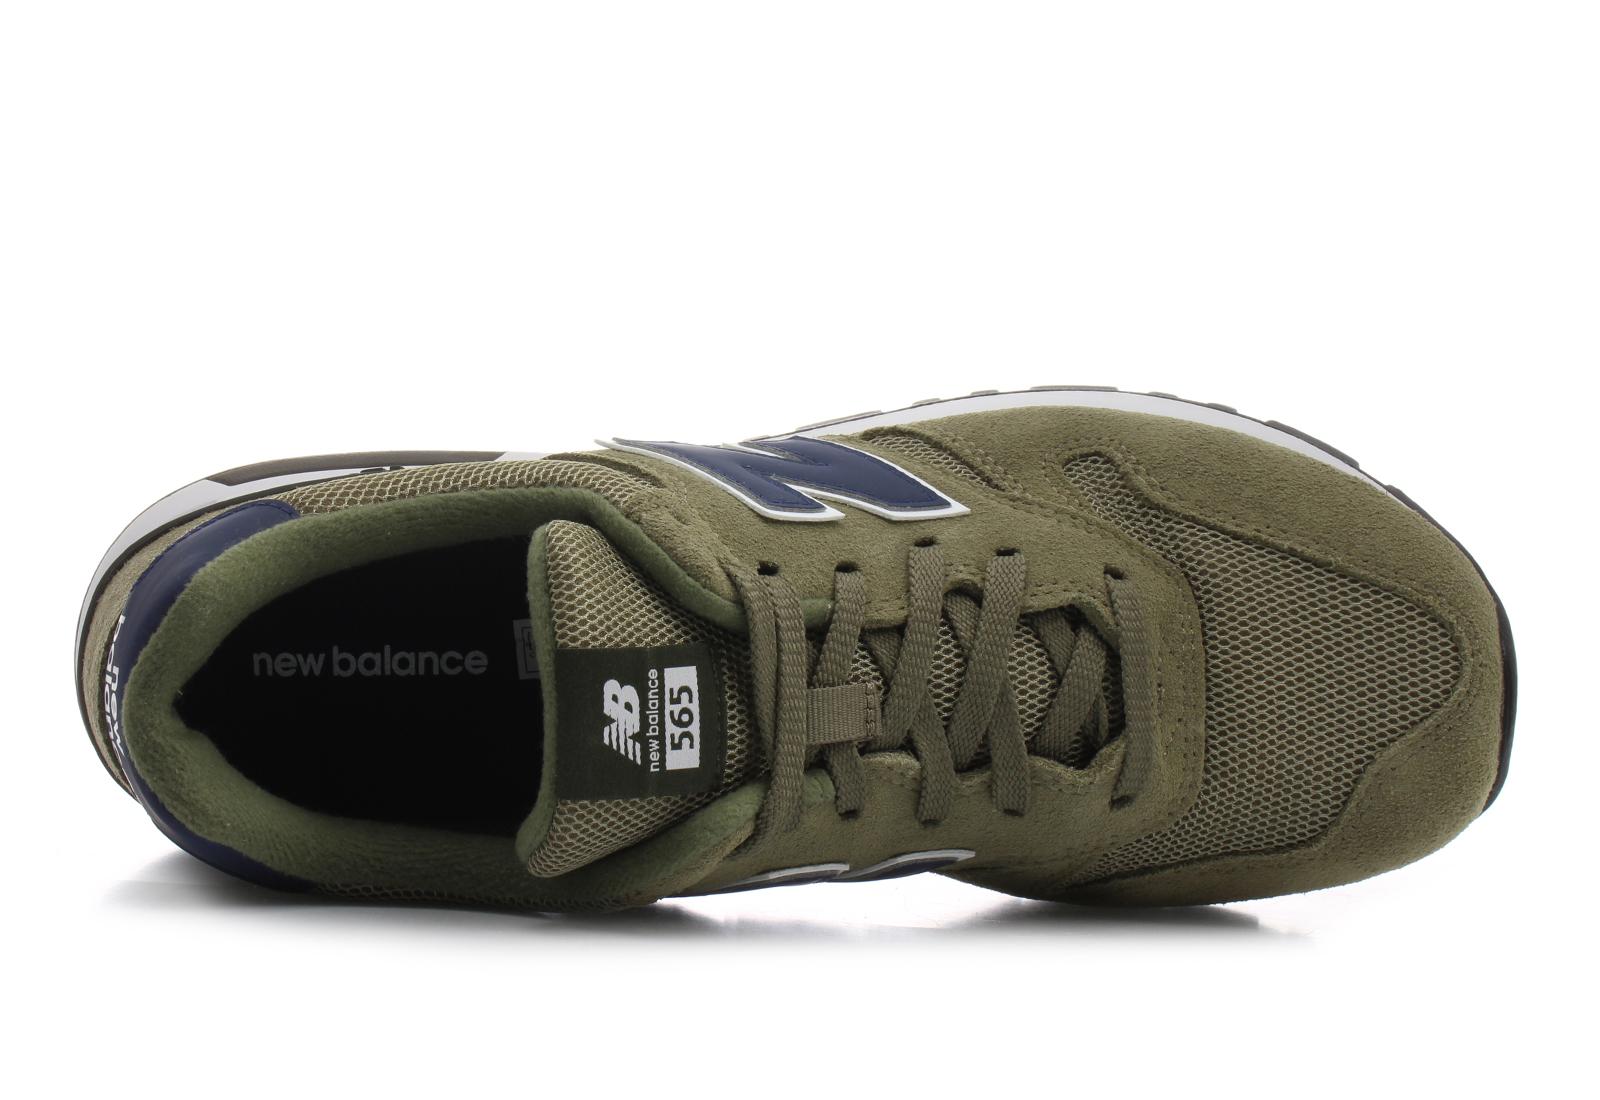 9a72e3a8138 New Balance Niske Cipele Zelene Cipele - Ml565 - Office Shoes - Online  trgovina obuće